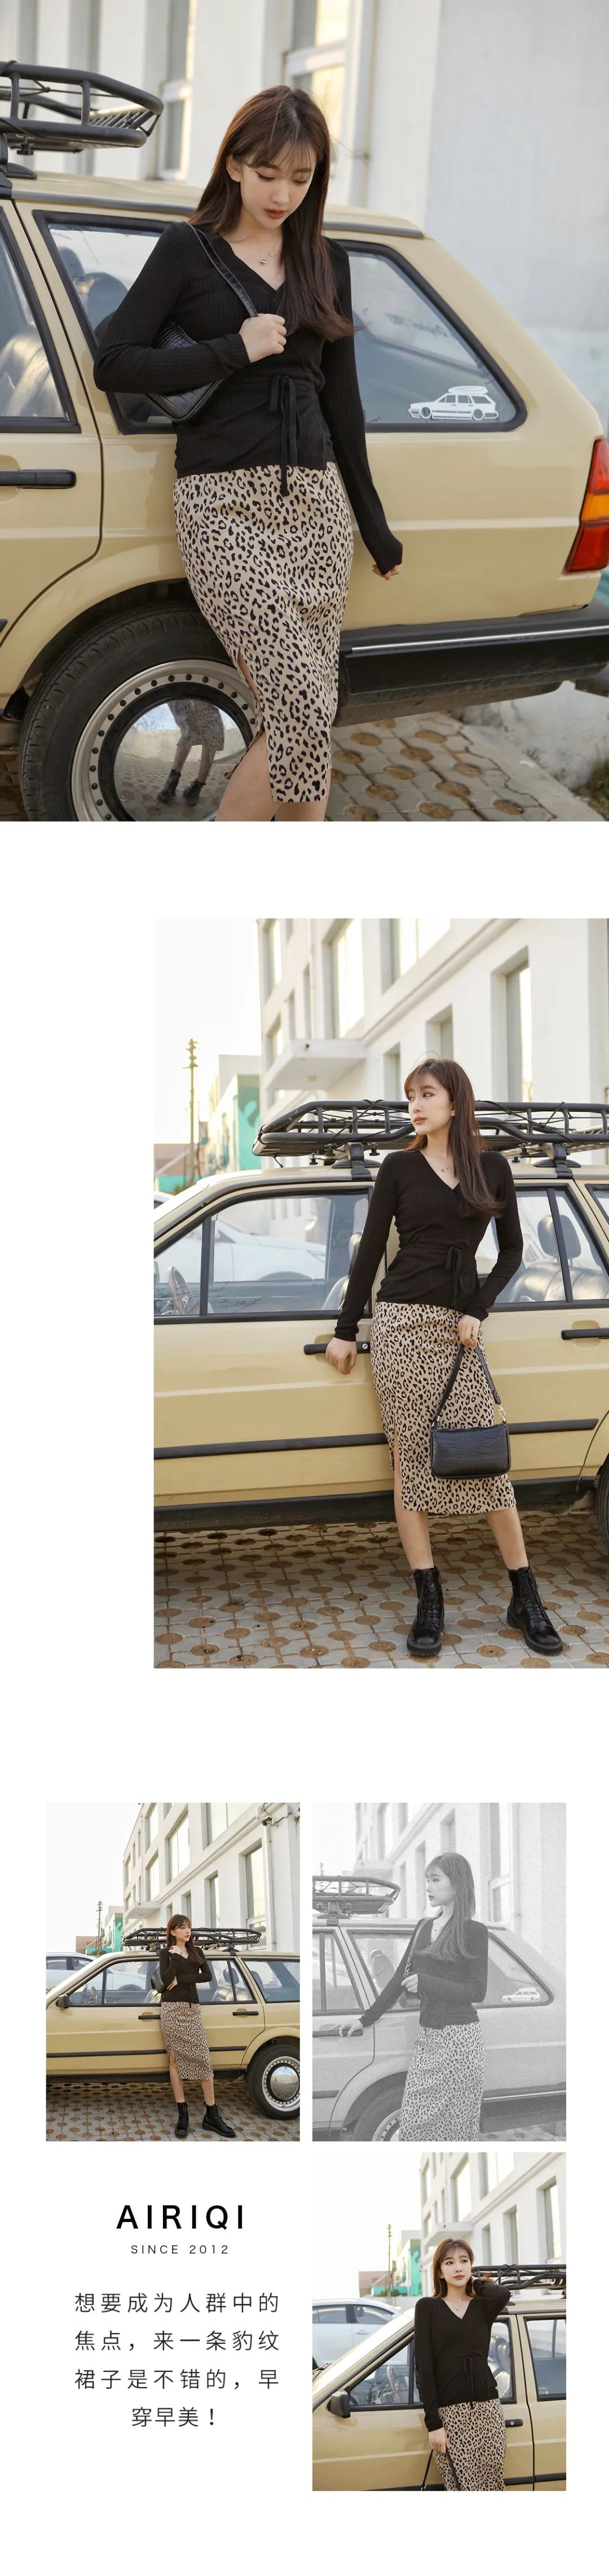 AIRIQI | 简约精致与时尚品味